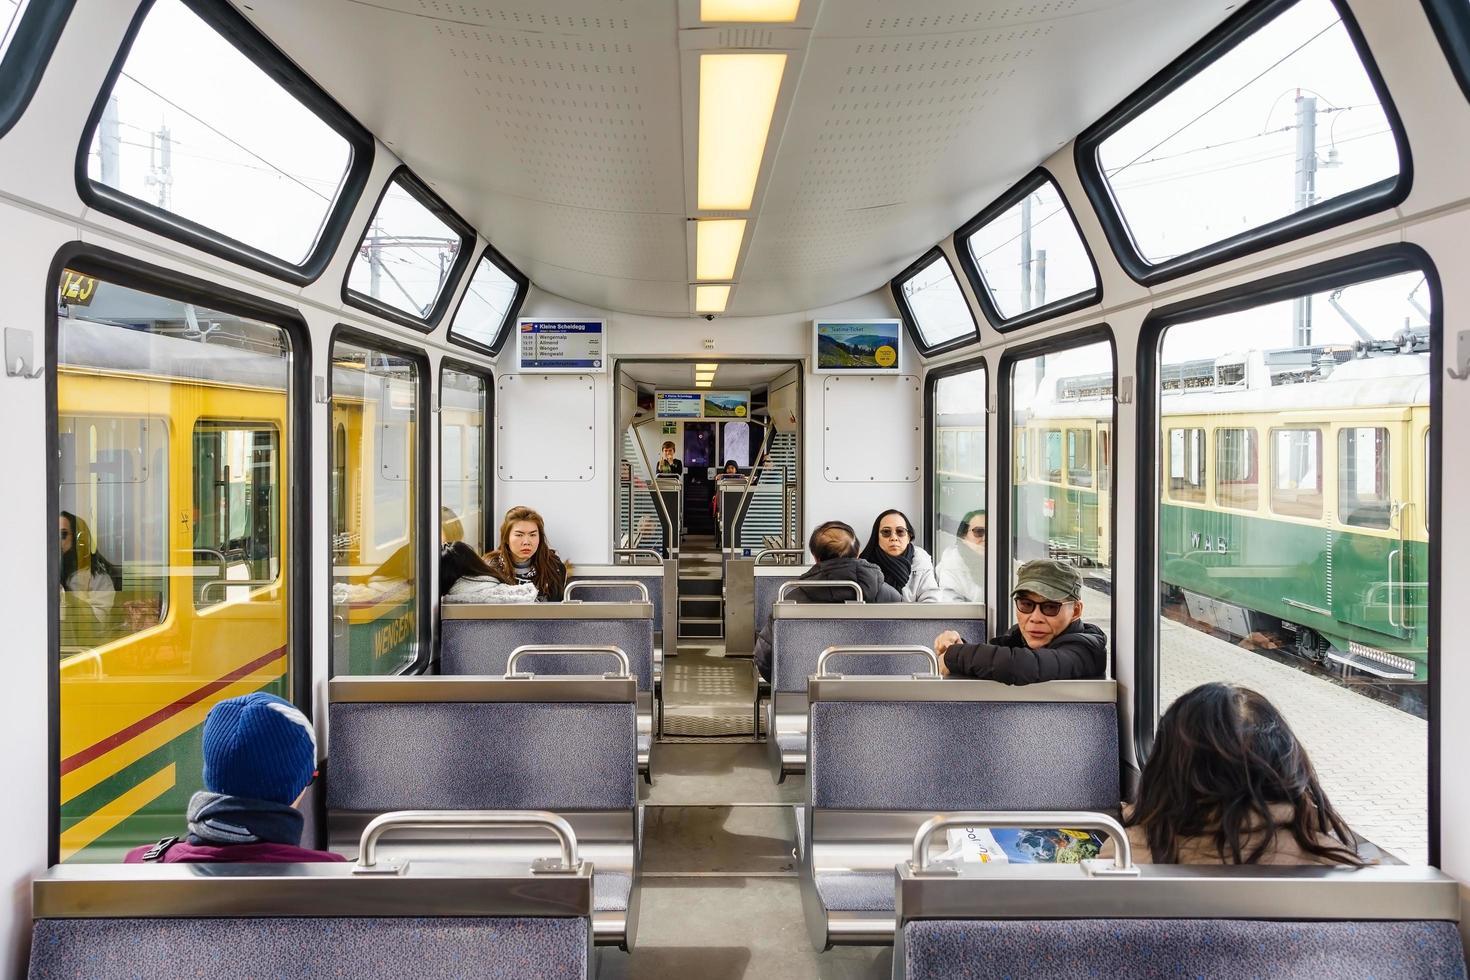 Zug in Interlaken, Schweiz, 2018 foto